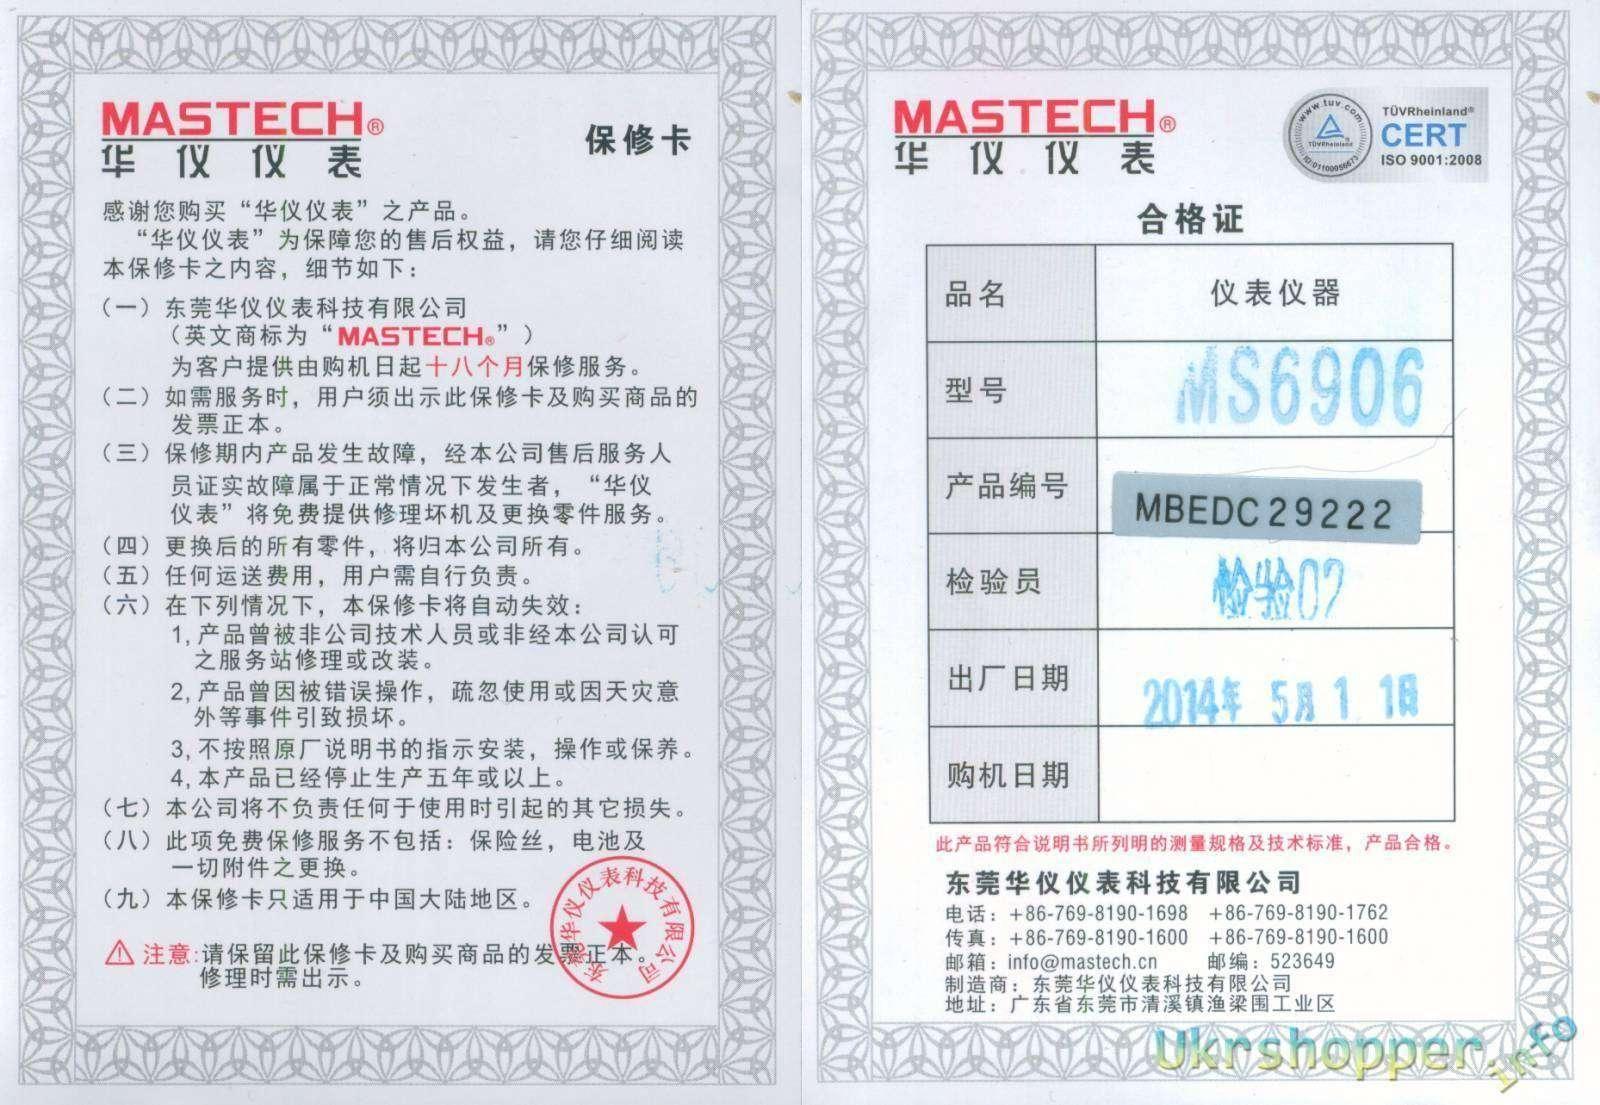 Geekbuying: Mastech MS6906